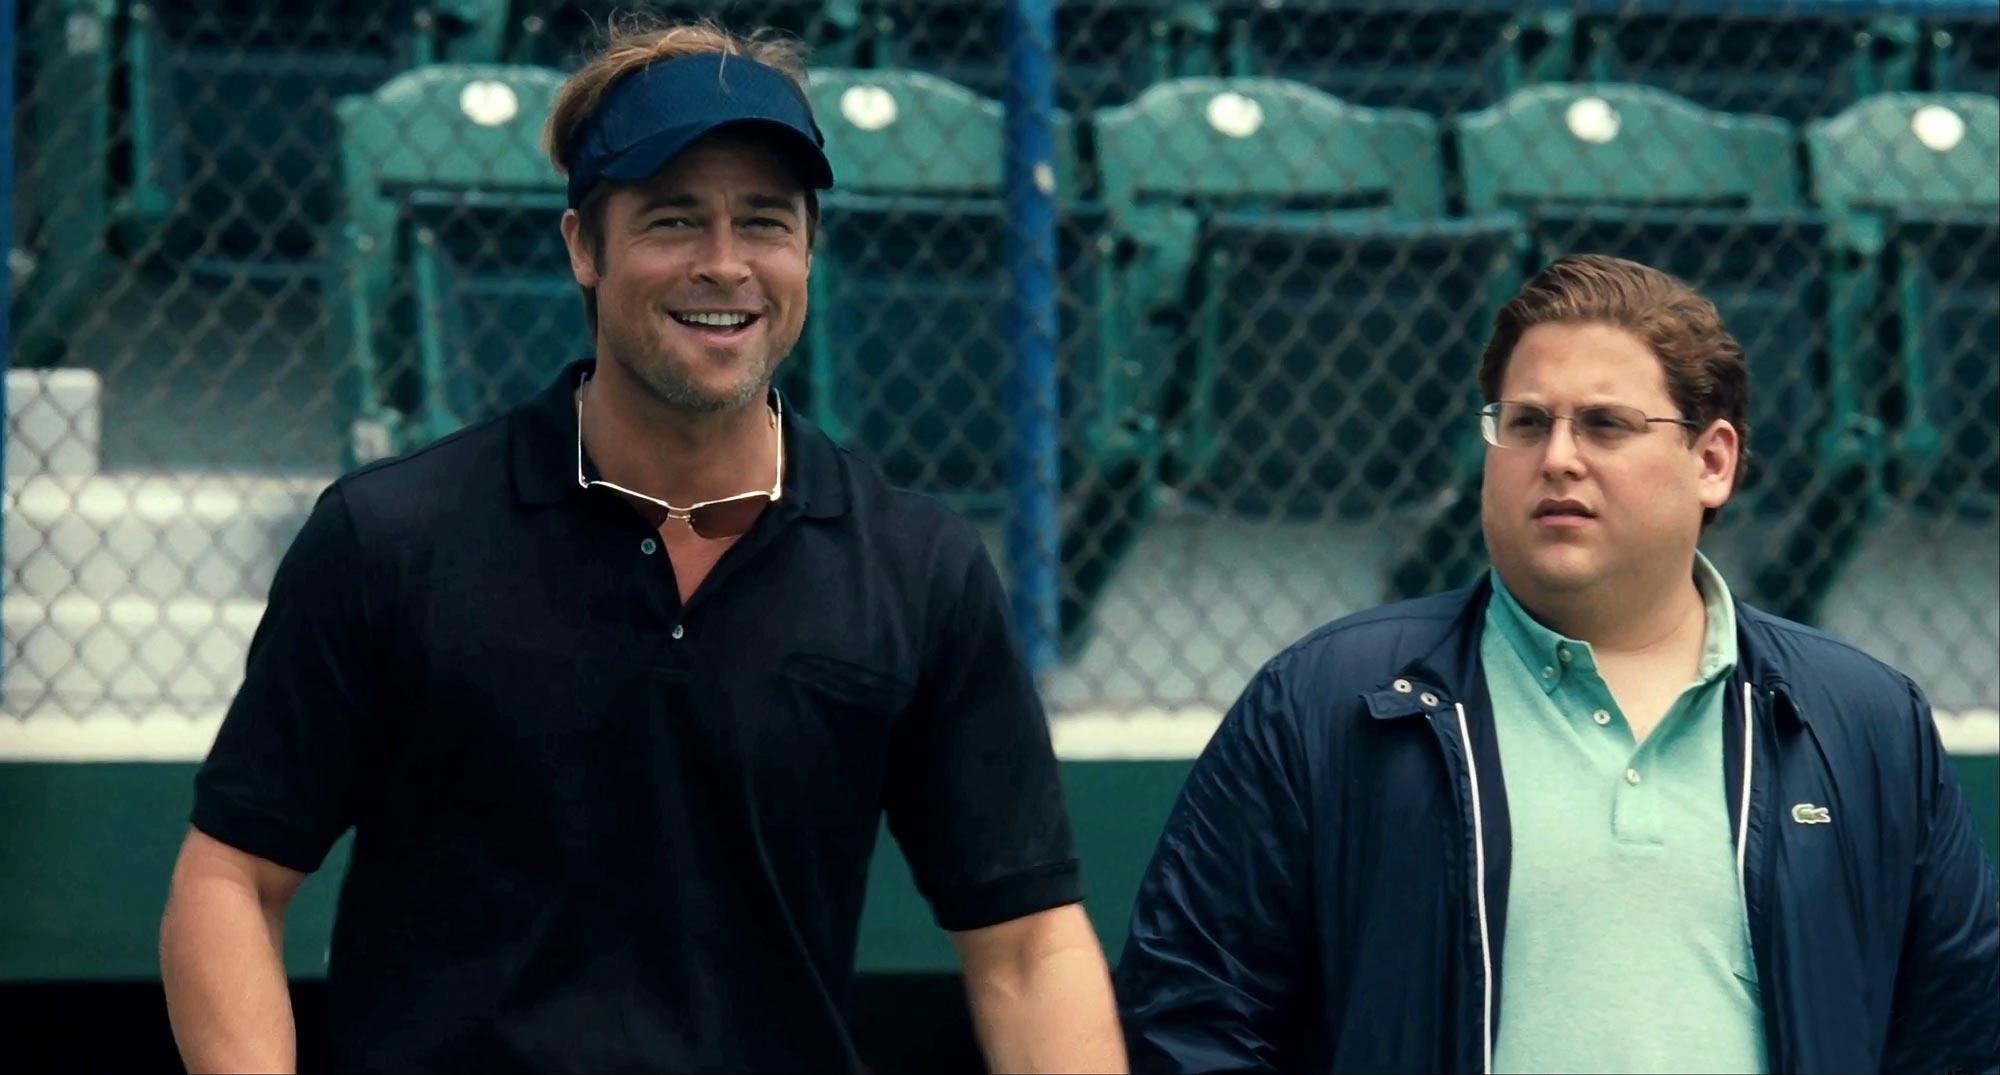 Brad Pitt and Jonah Hill, Moneyball (2011)